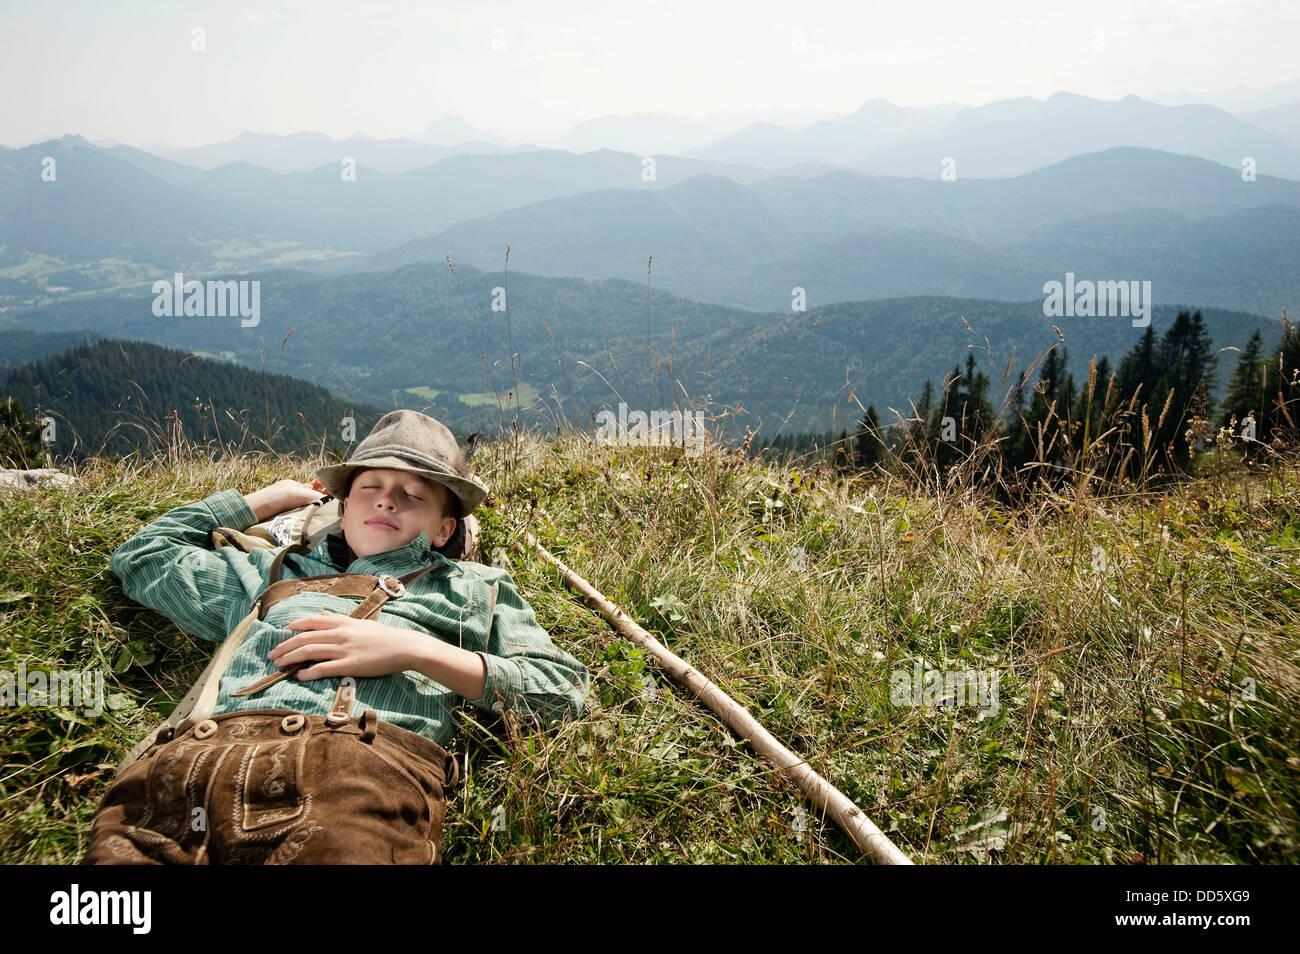 In Germania, in Baviera, ragazzo in abiti tradizionali dorme in montagna Immagini Stock